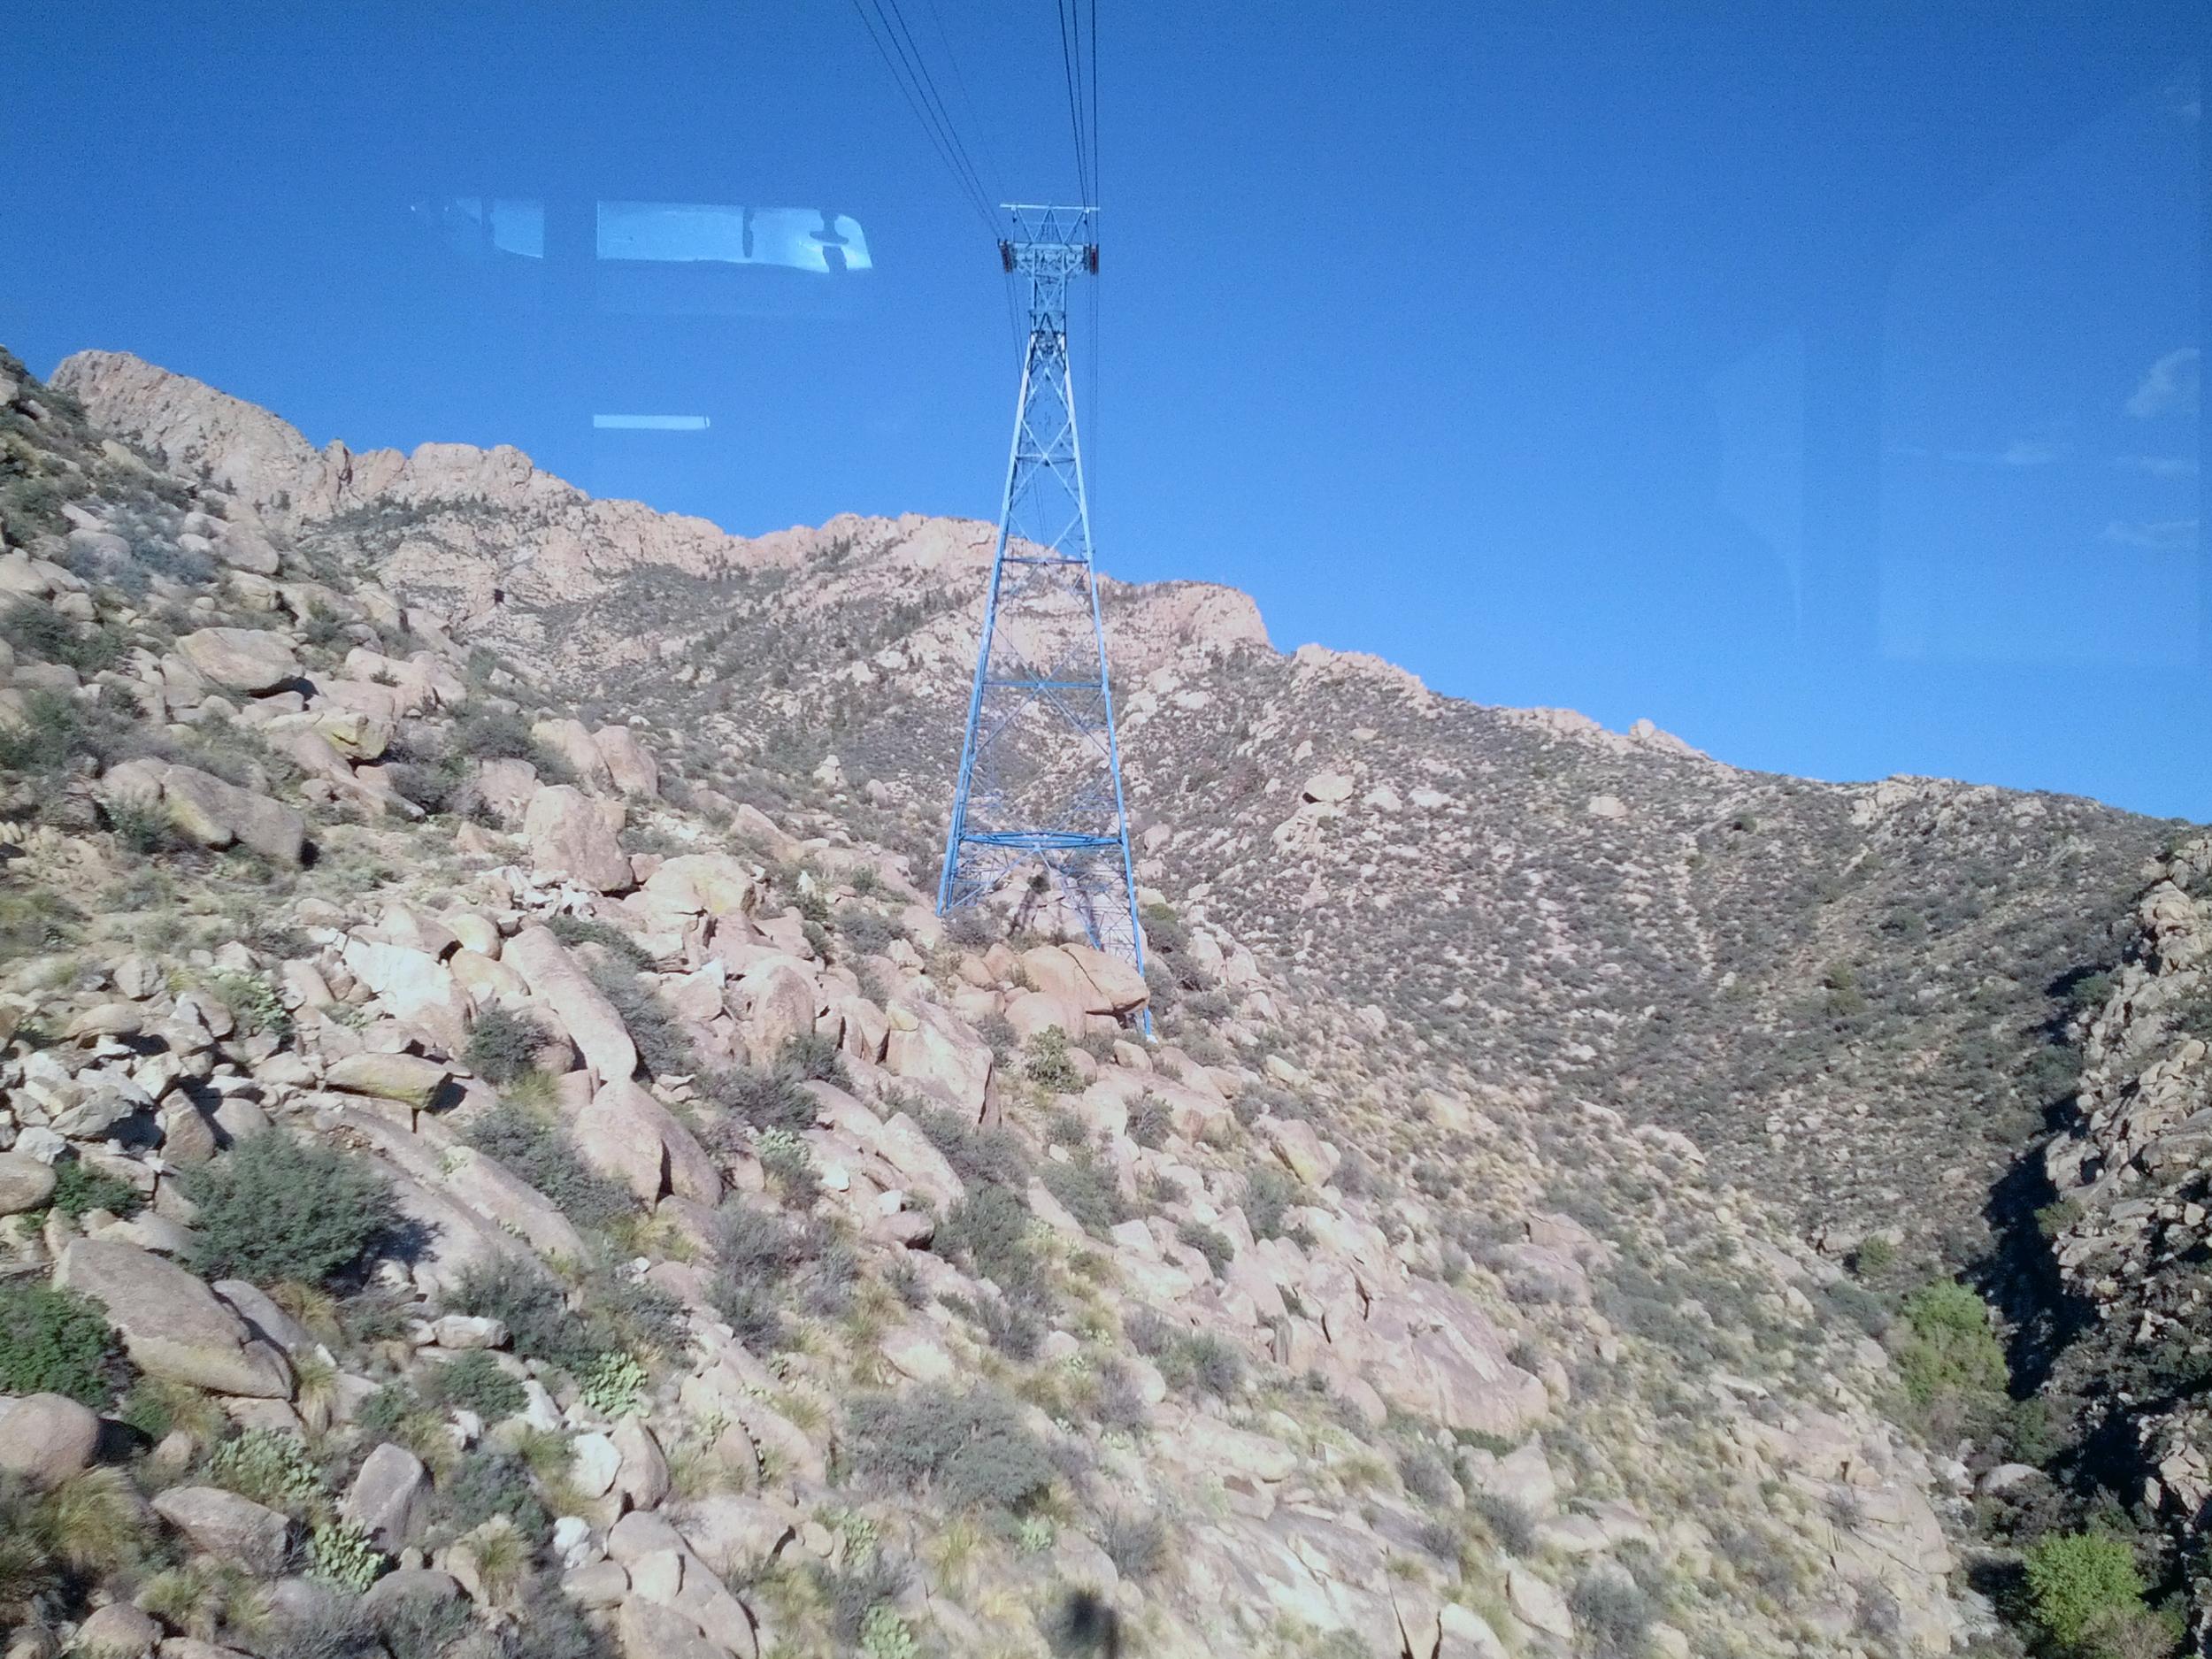 2013-09-19 Sandia Peak Tramway, Albuquerque NM (15).jpg